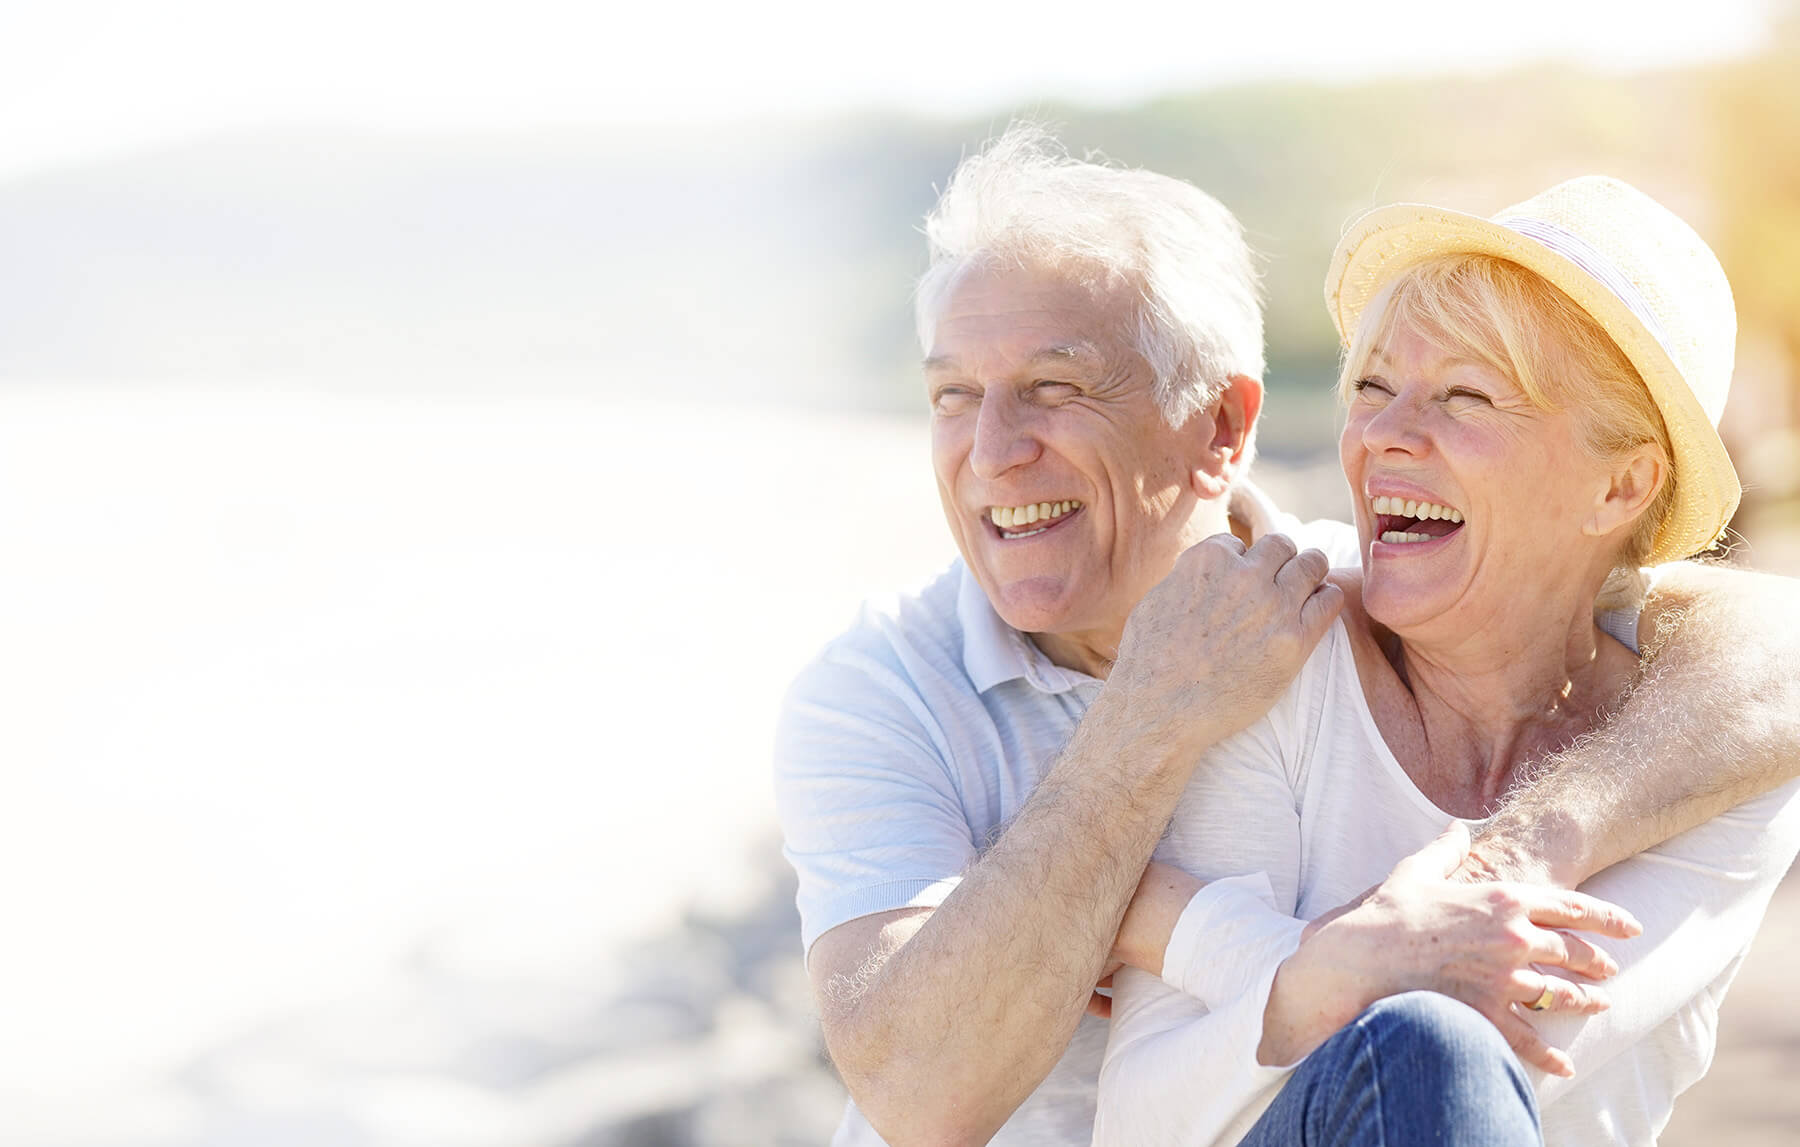 Praxisklinik Bartsch - Ein älteres fröhliches Ehepaar